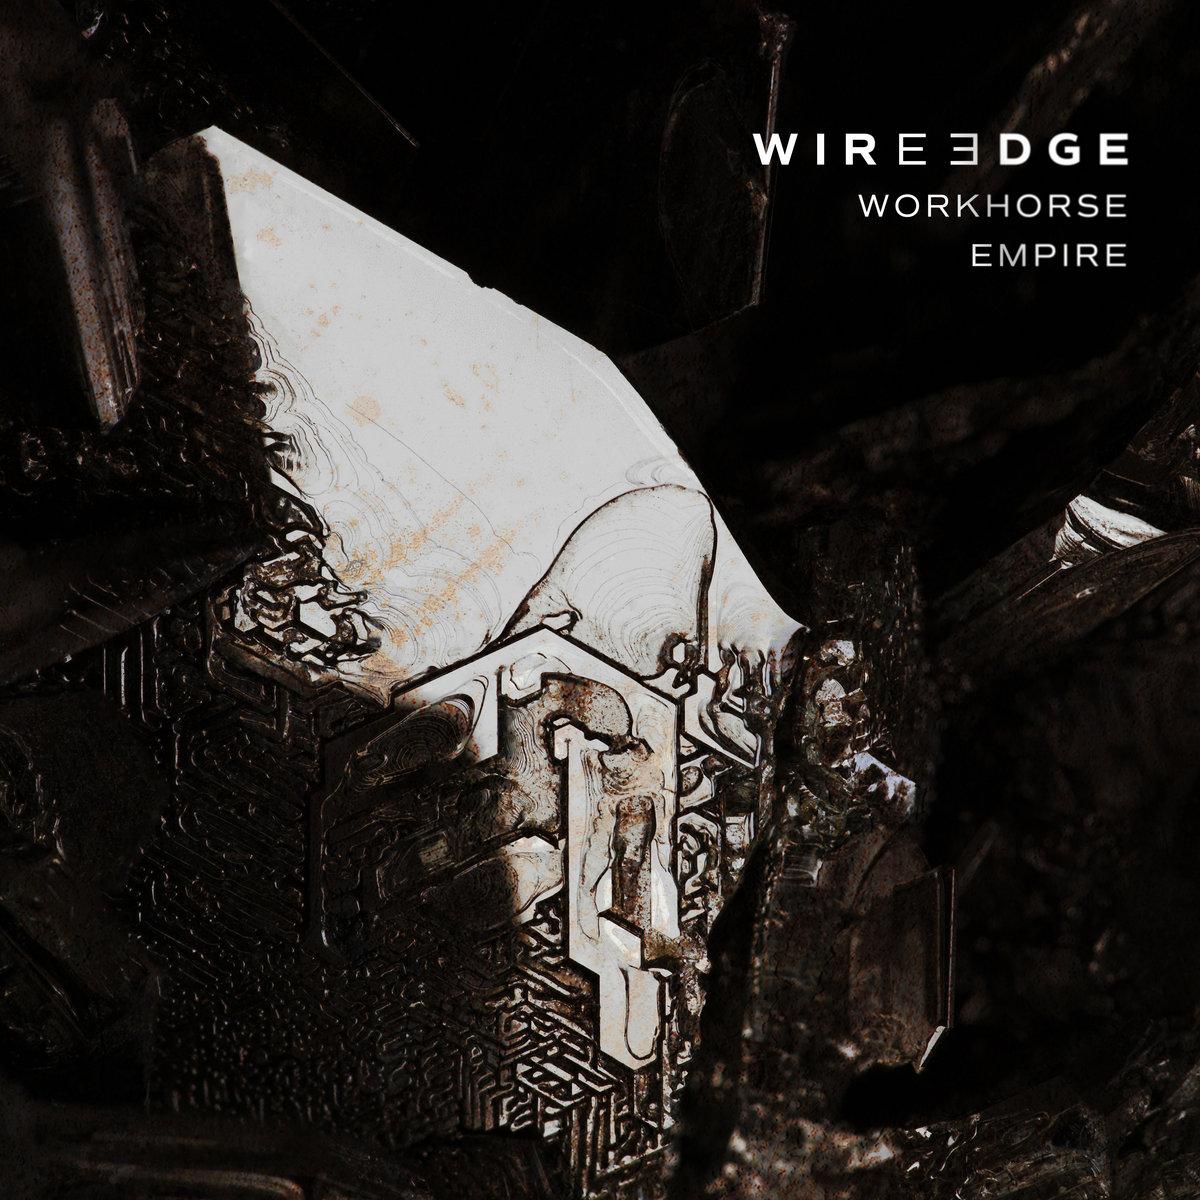 wire edge workhorse empire